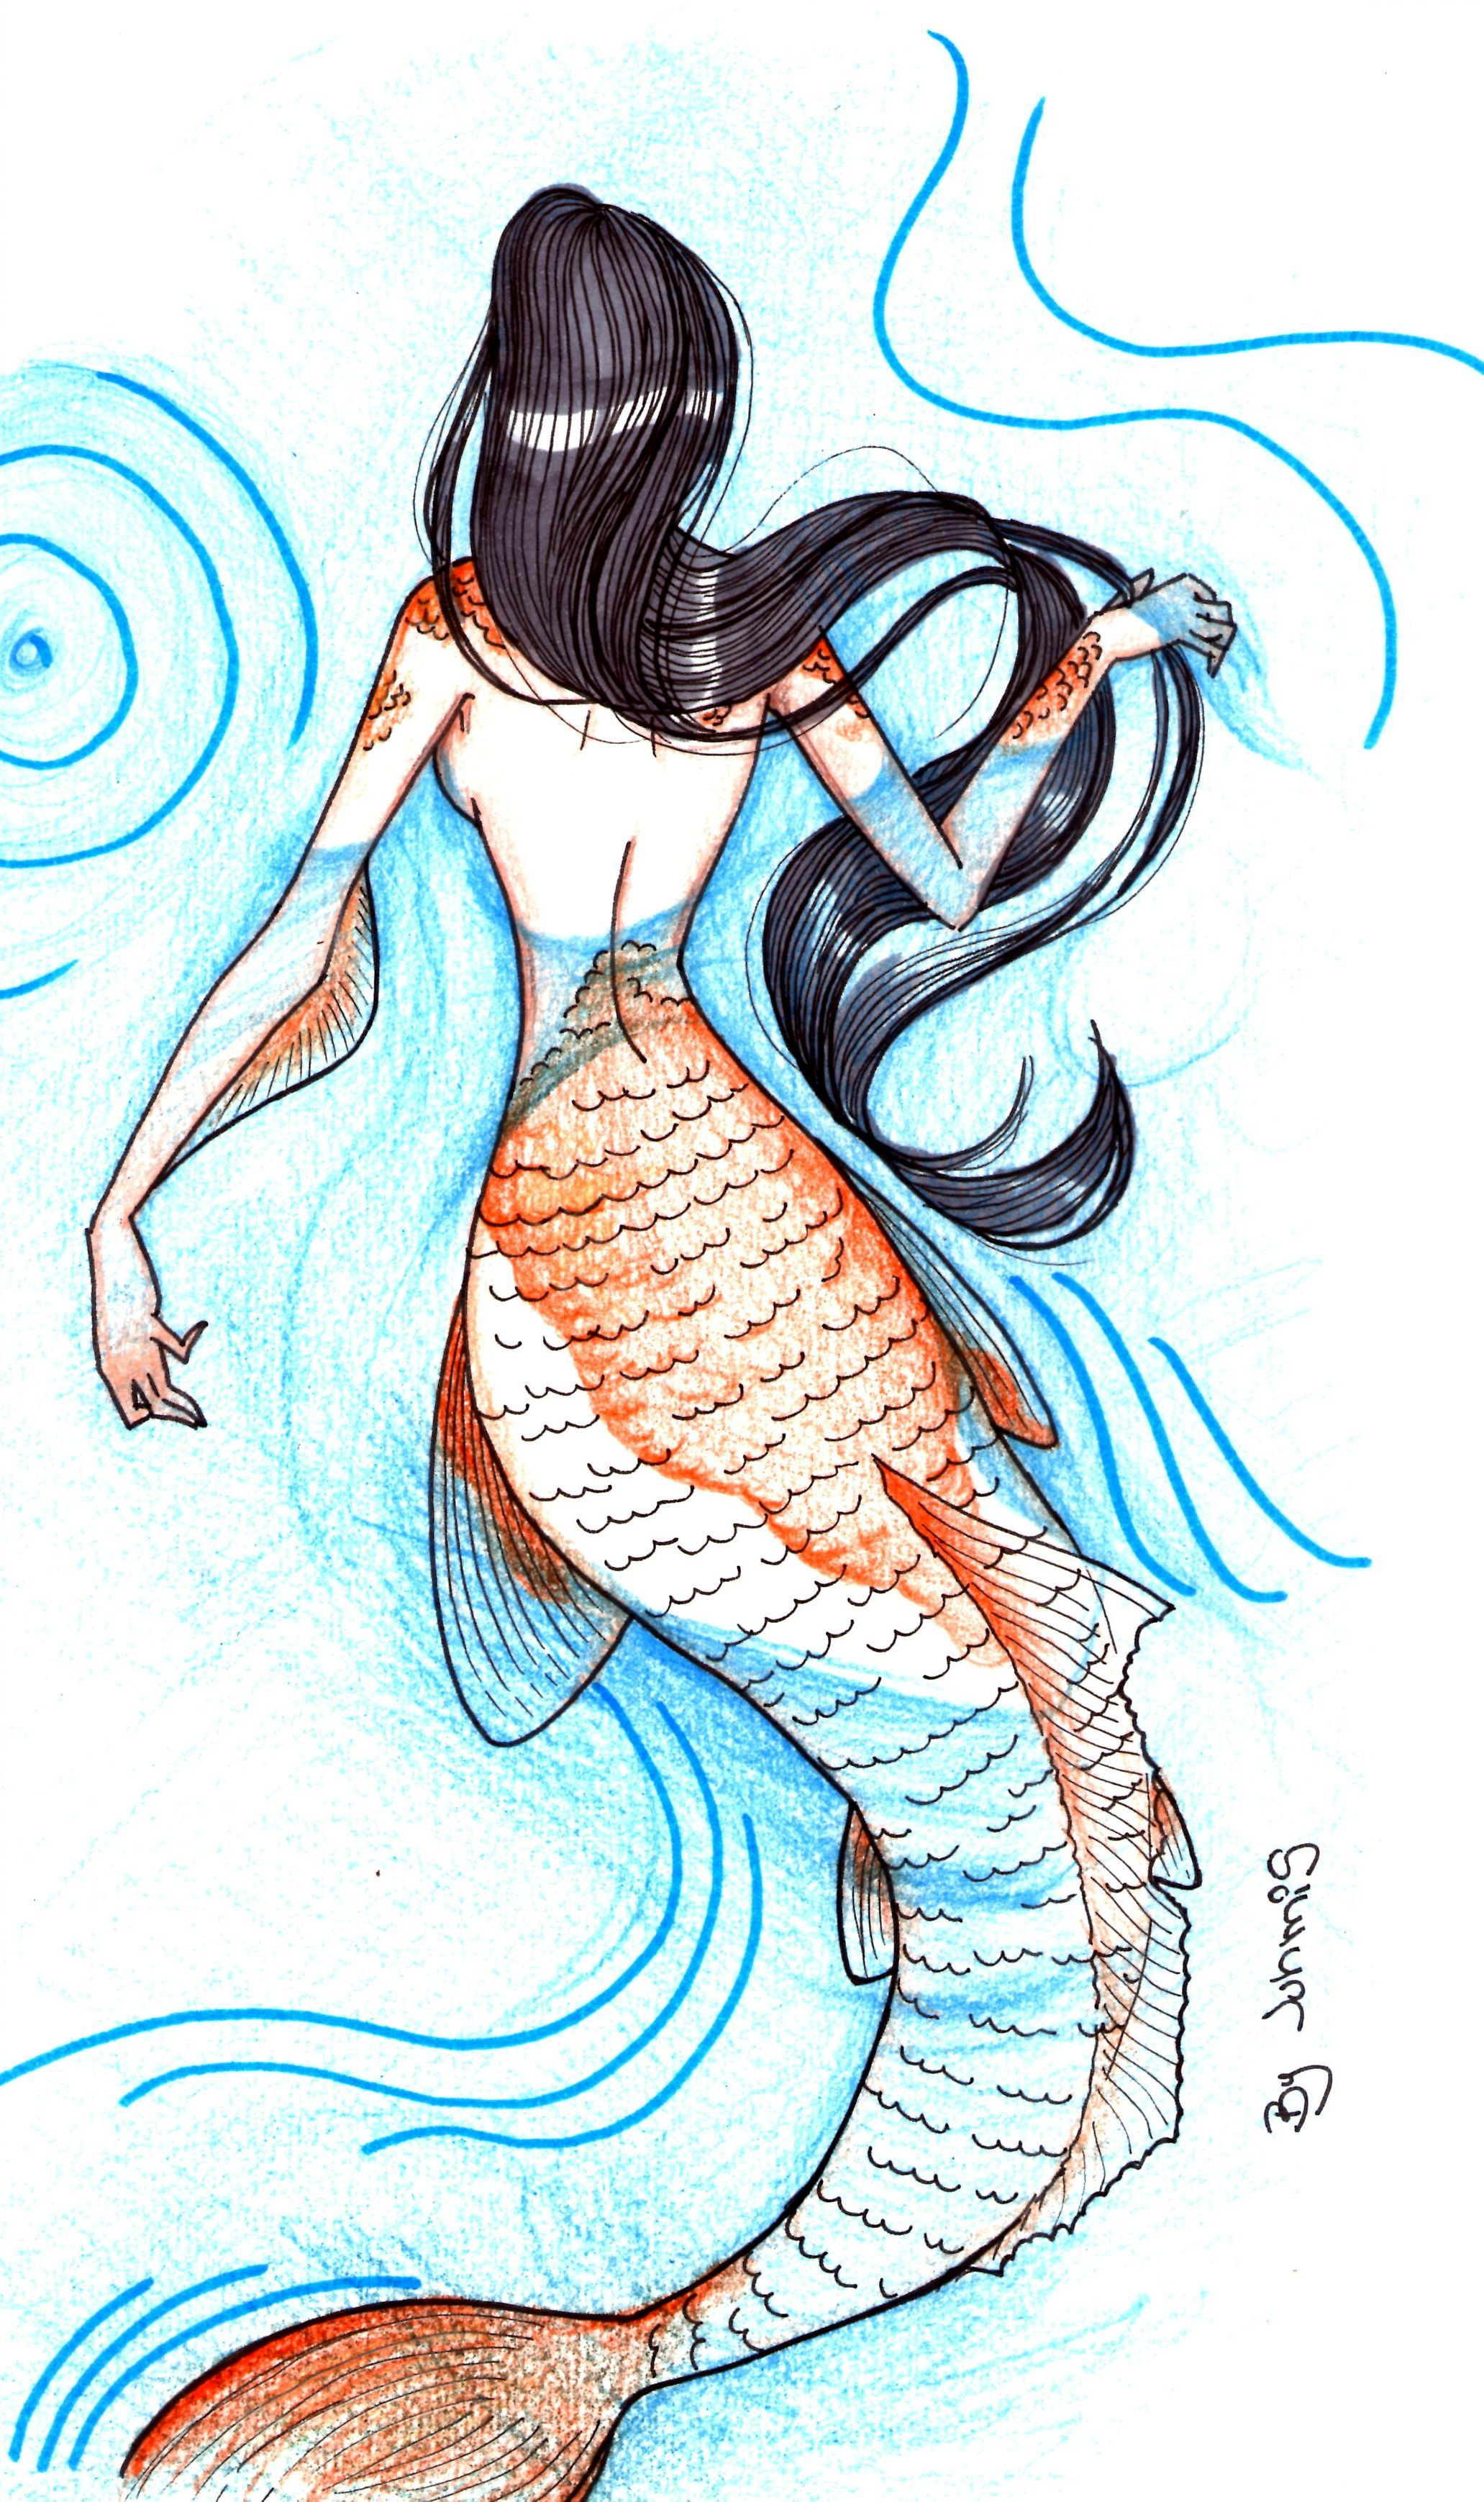 Sereia Sereia Desenho Desenhos De Sereias Tumblr Desenhos